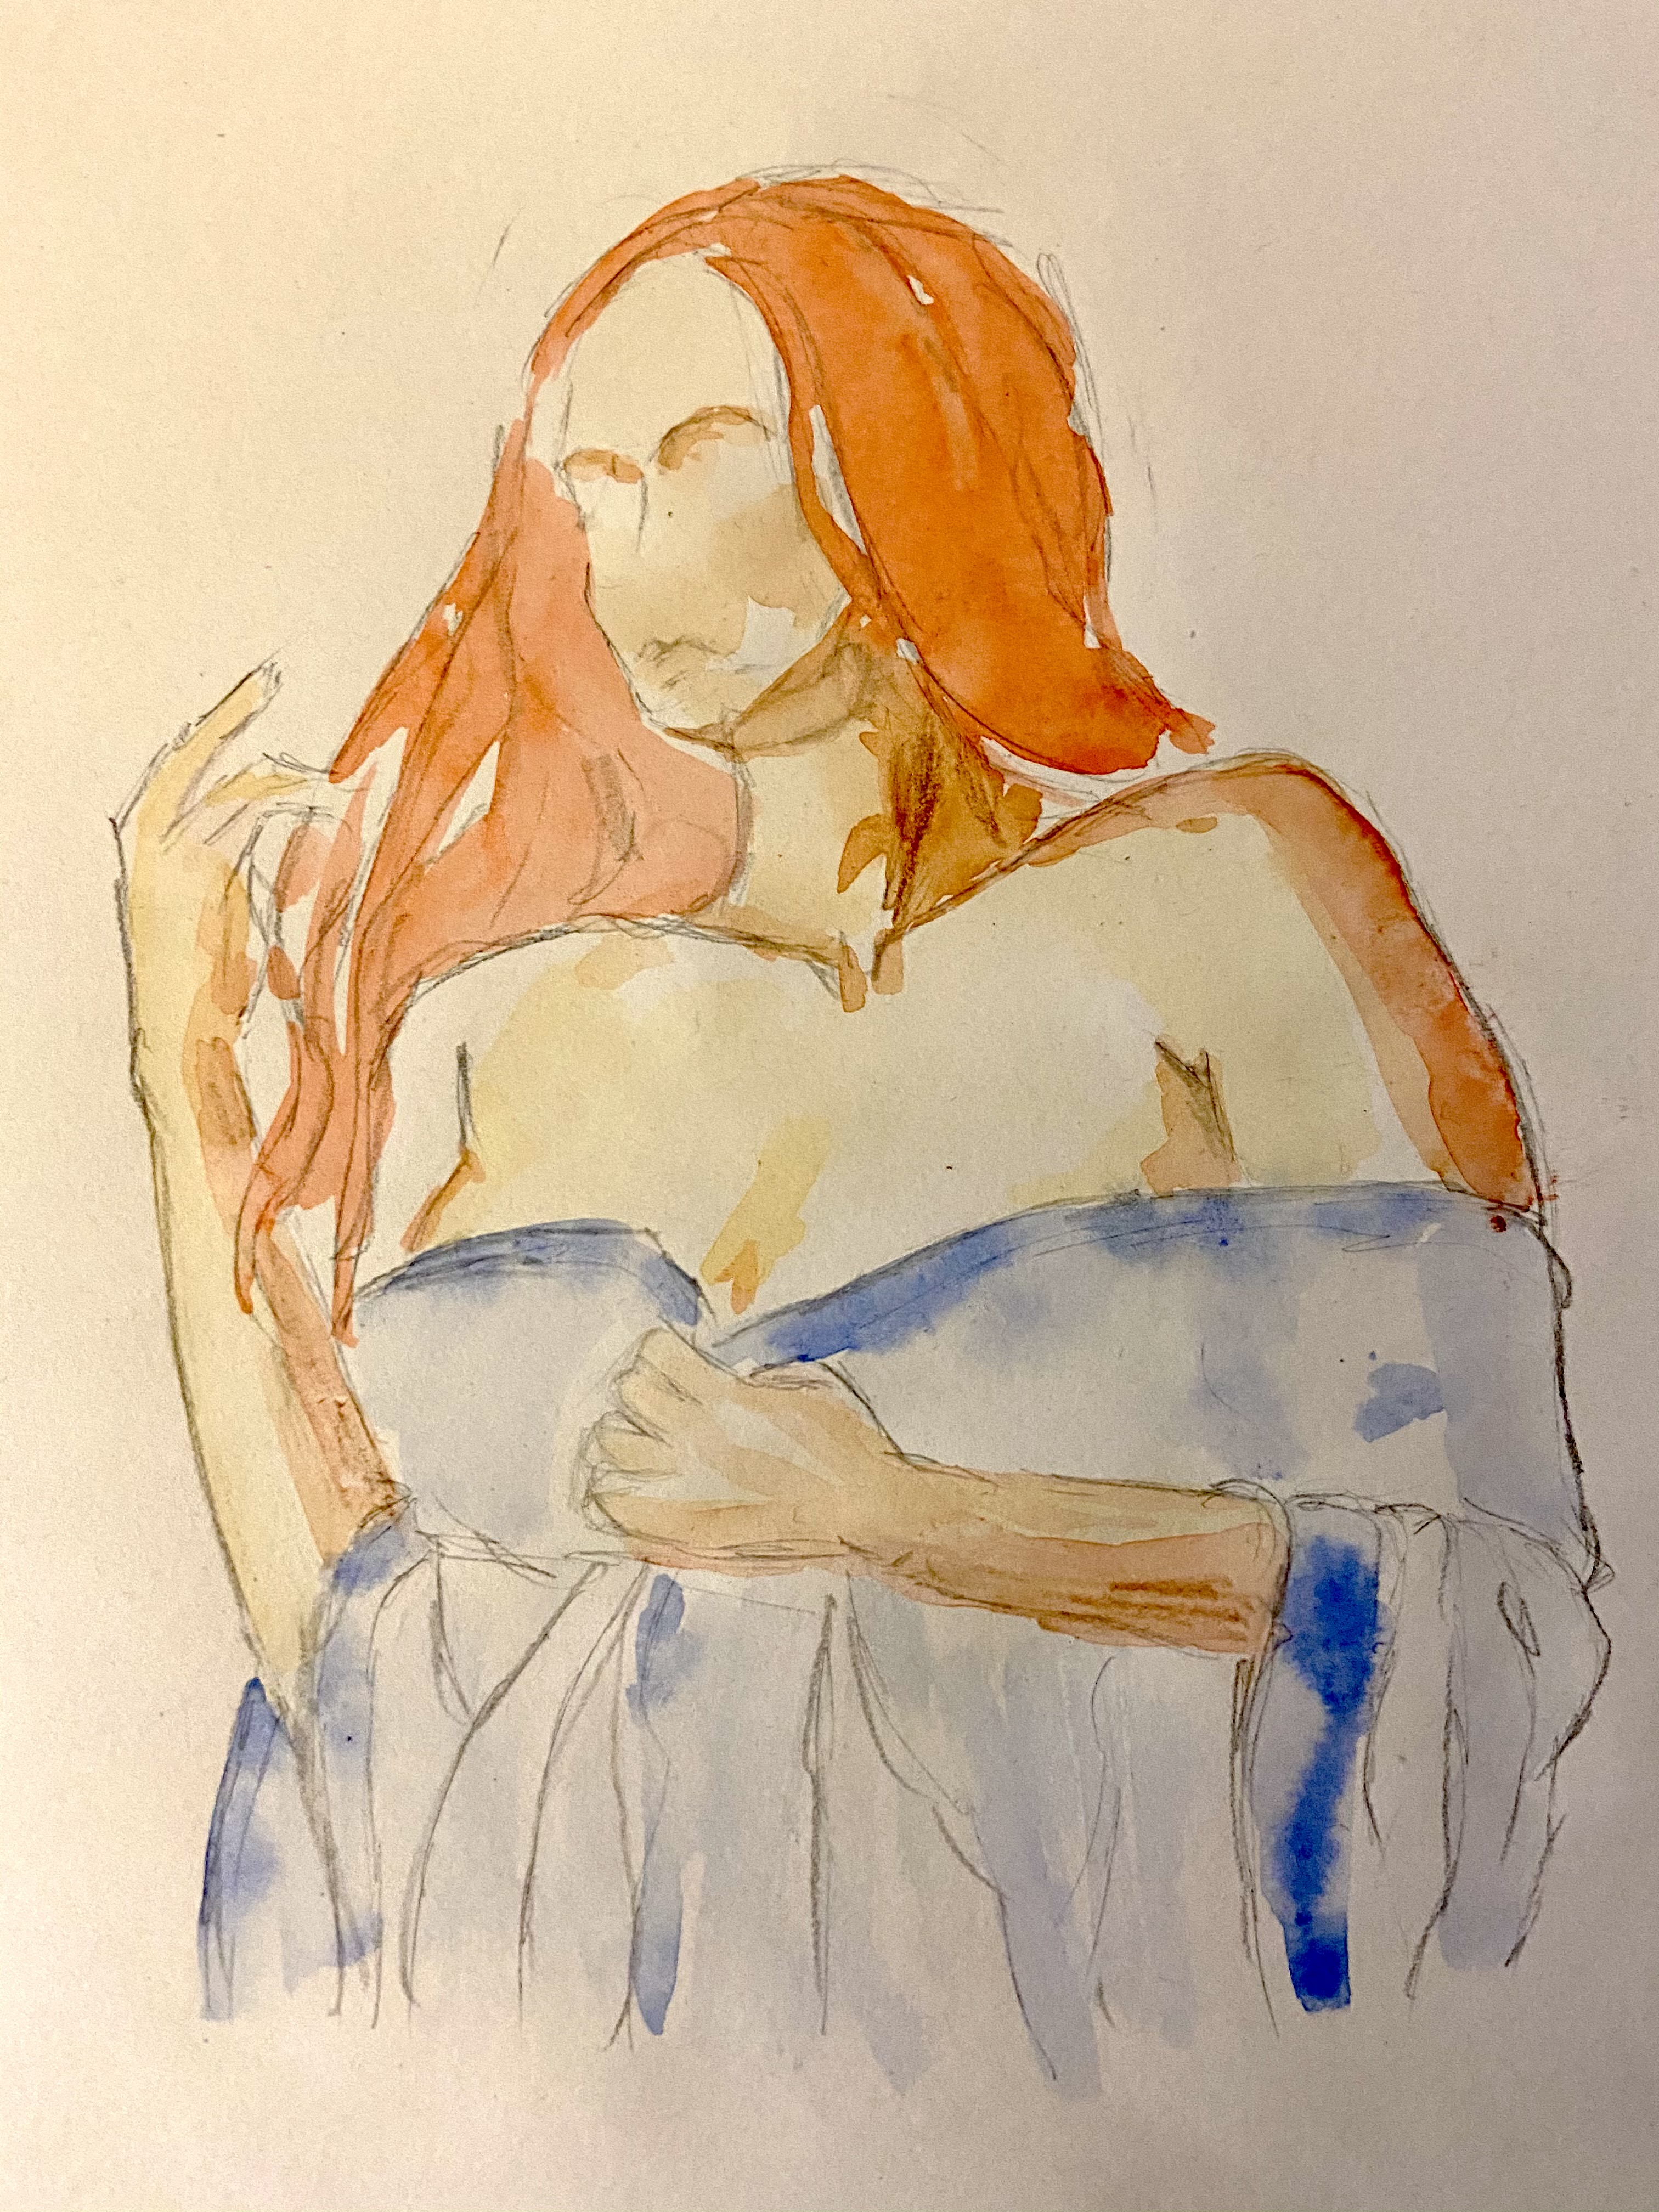 Buste femme drapé aquarelle orange drap bleue  cours de dessin